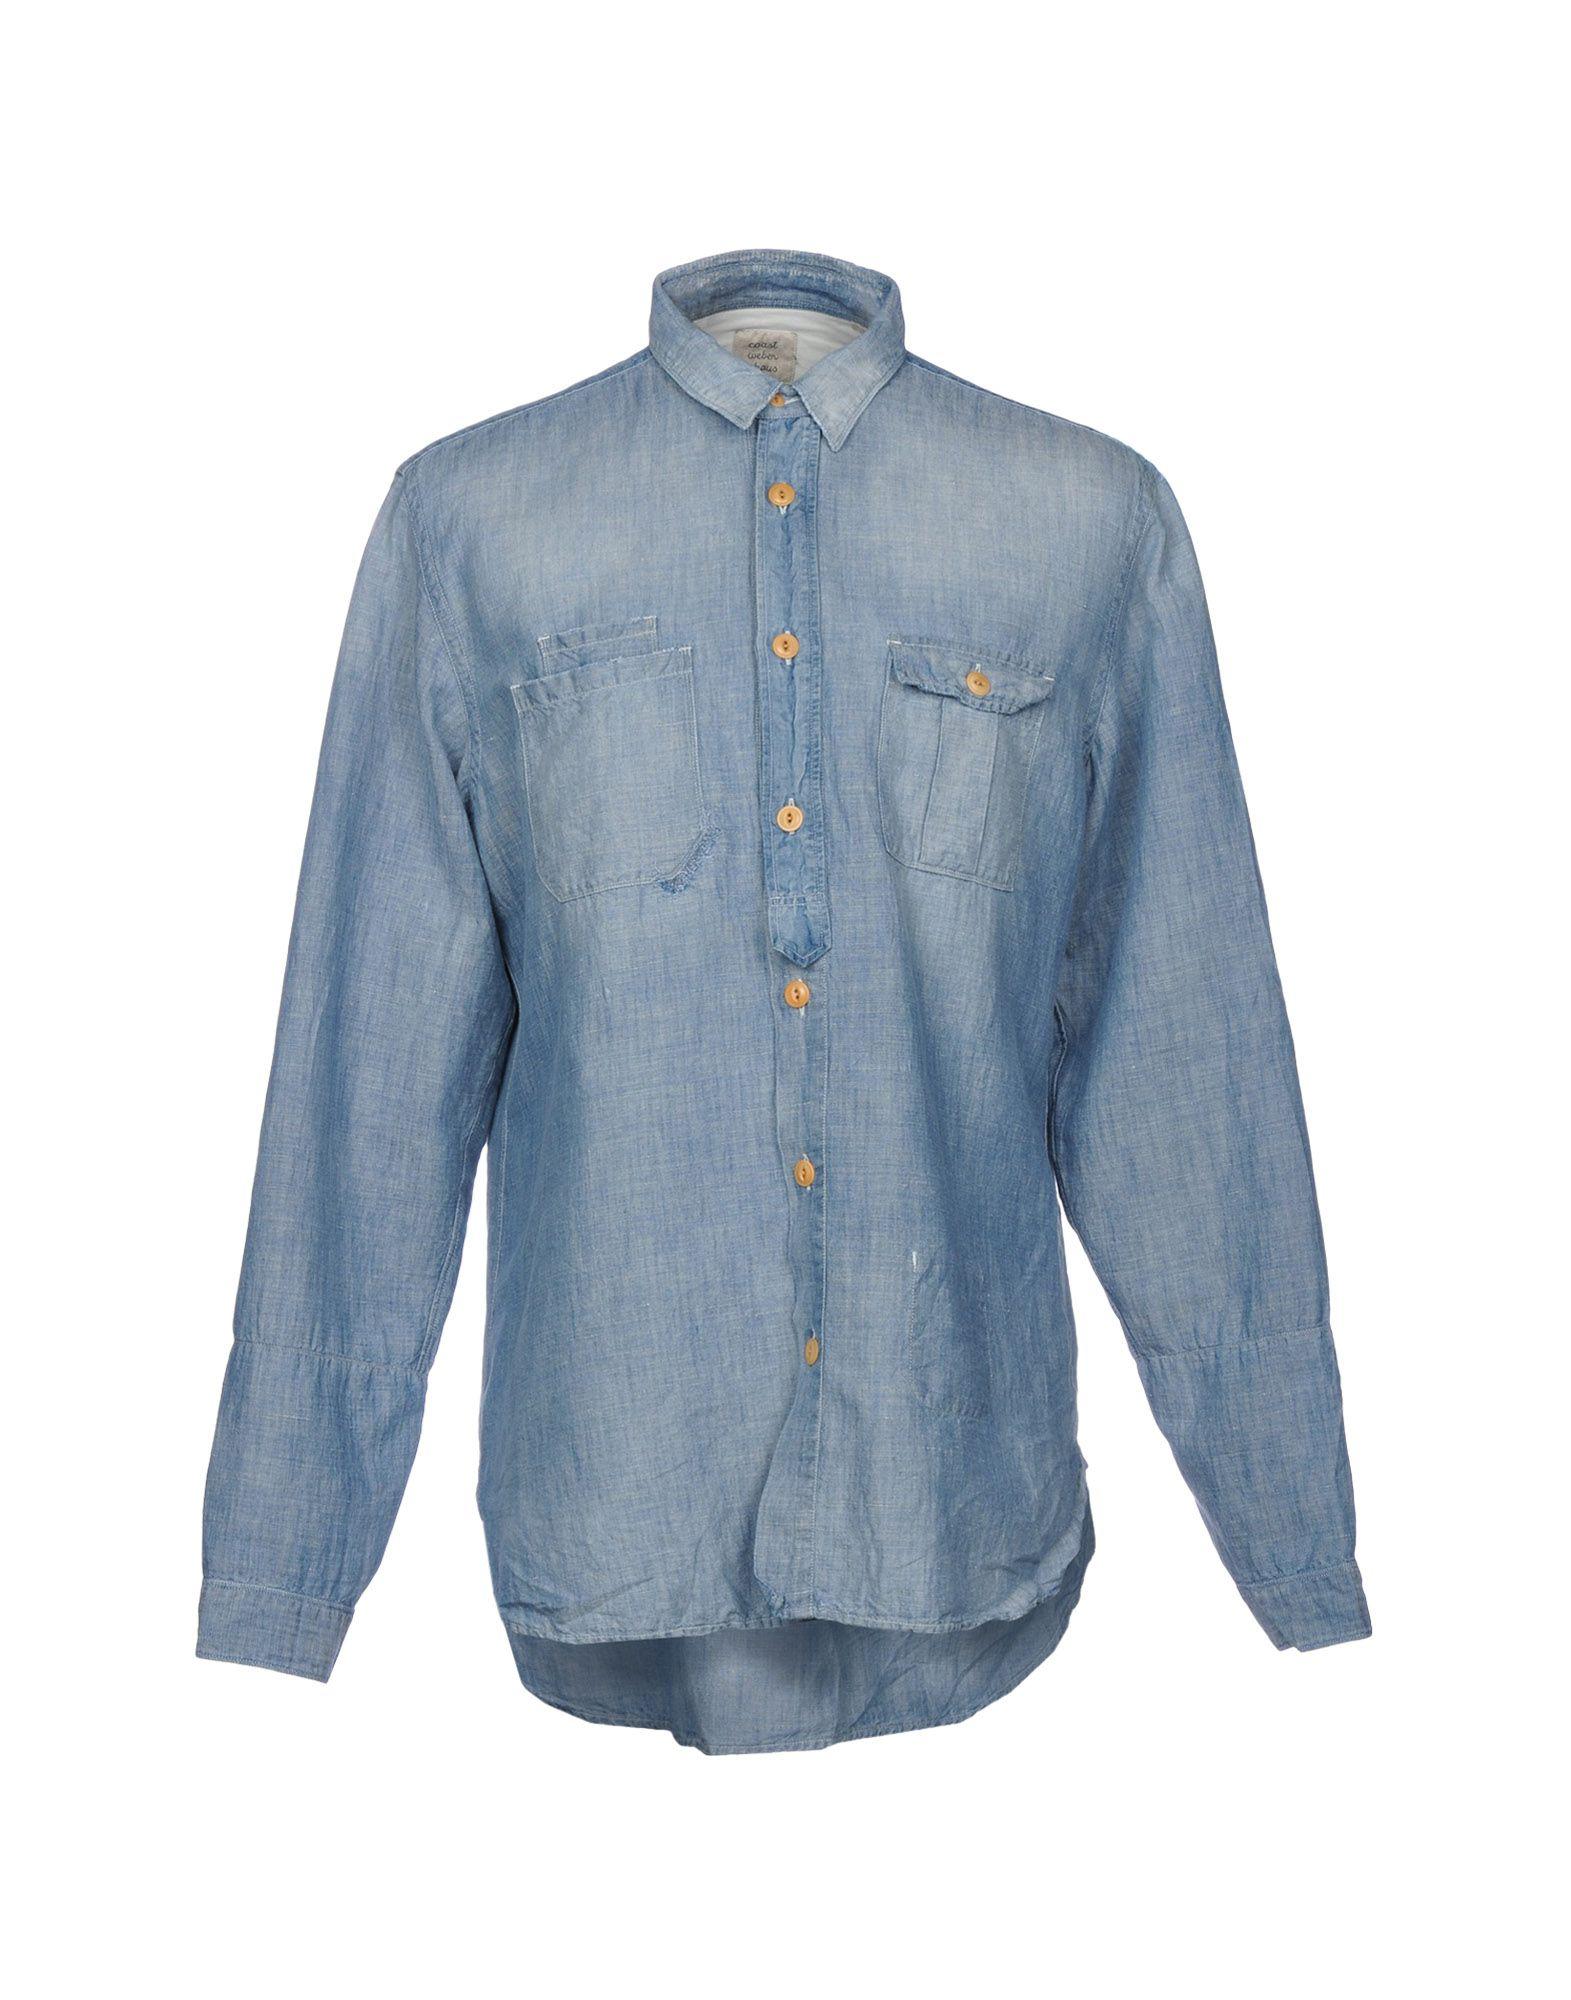 COAST WEBER & AHAUS Джинсовая рубашка рубашка gerry weber gerry weber ge002ewwra96